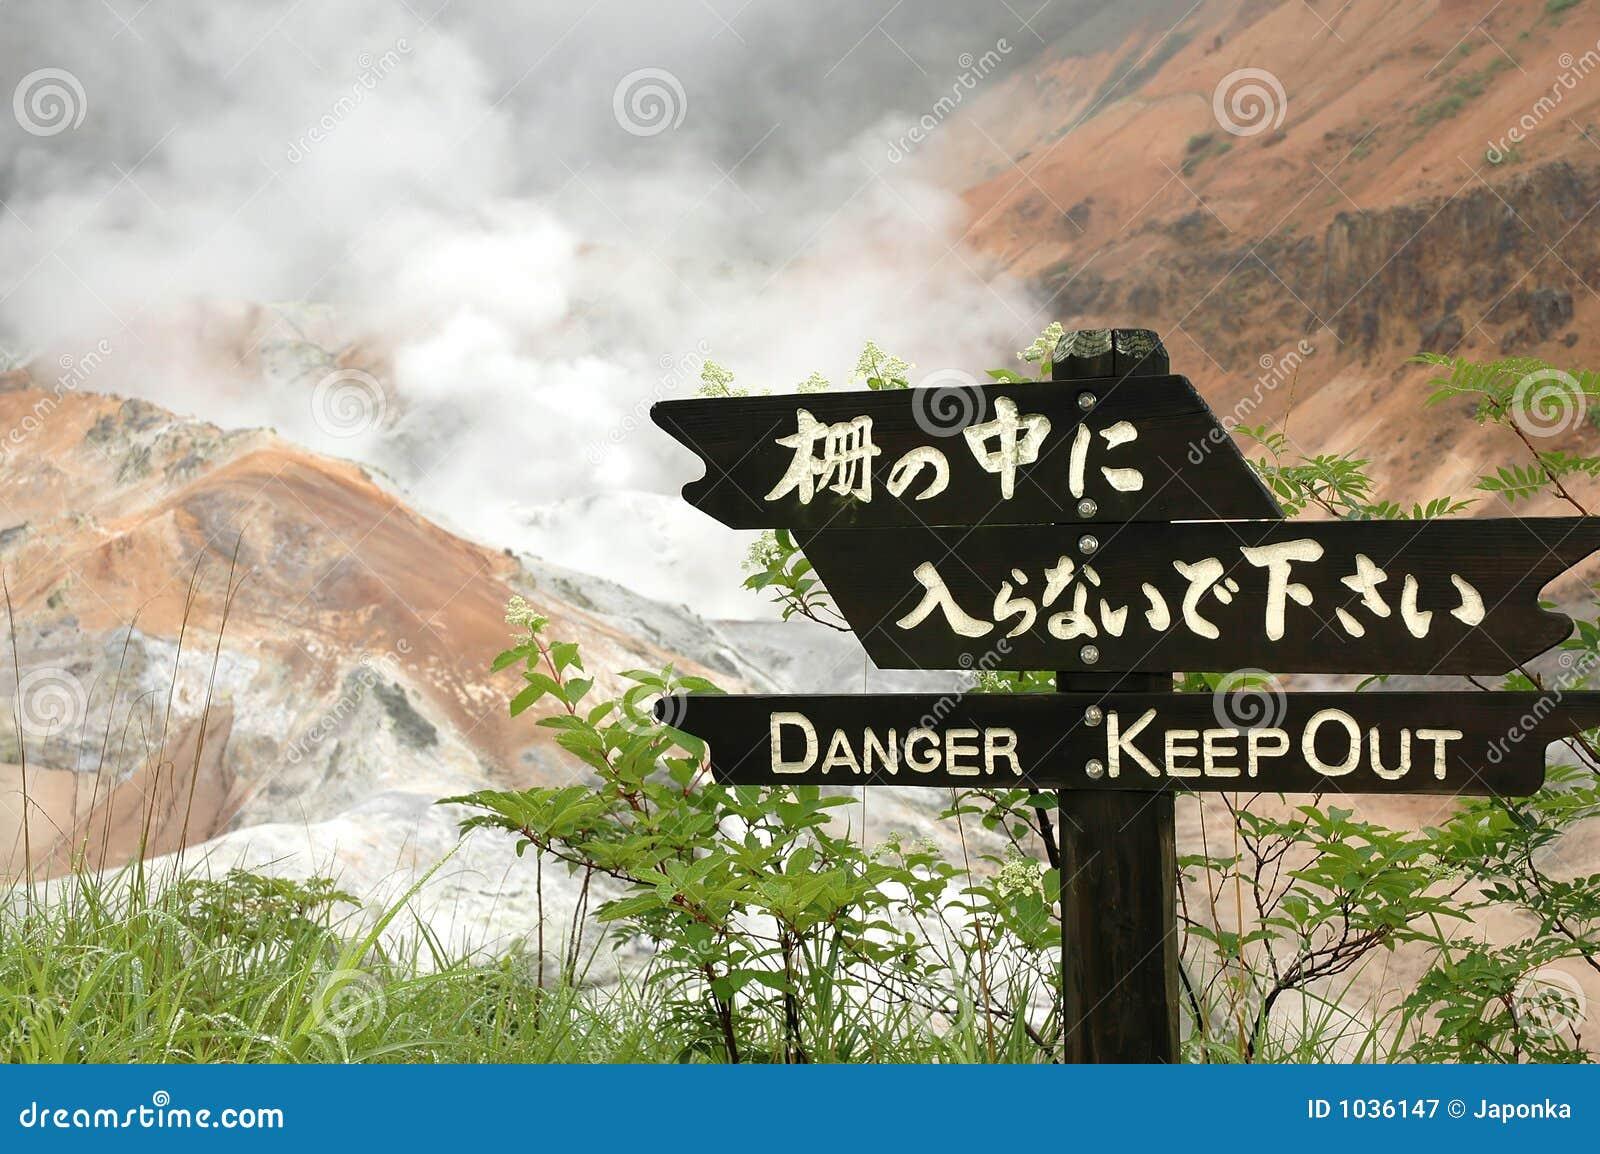 Das devilish Tal mit dem WARNING auf japanisch